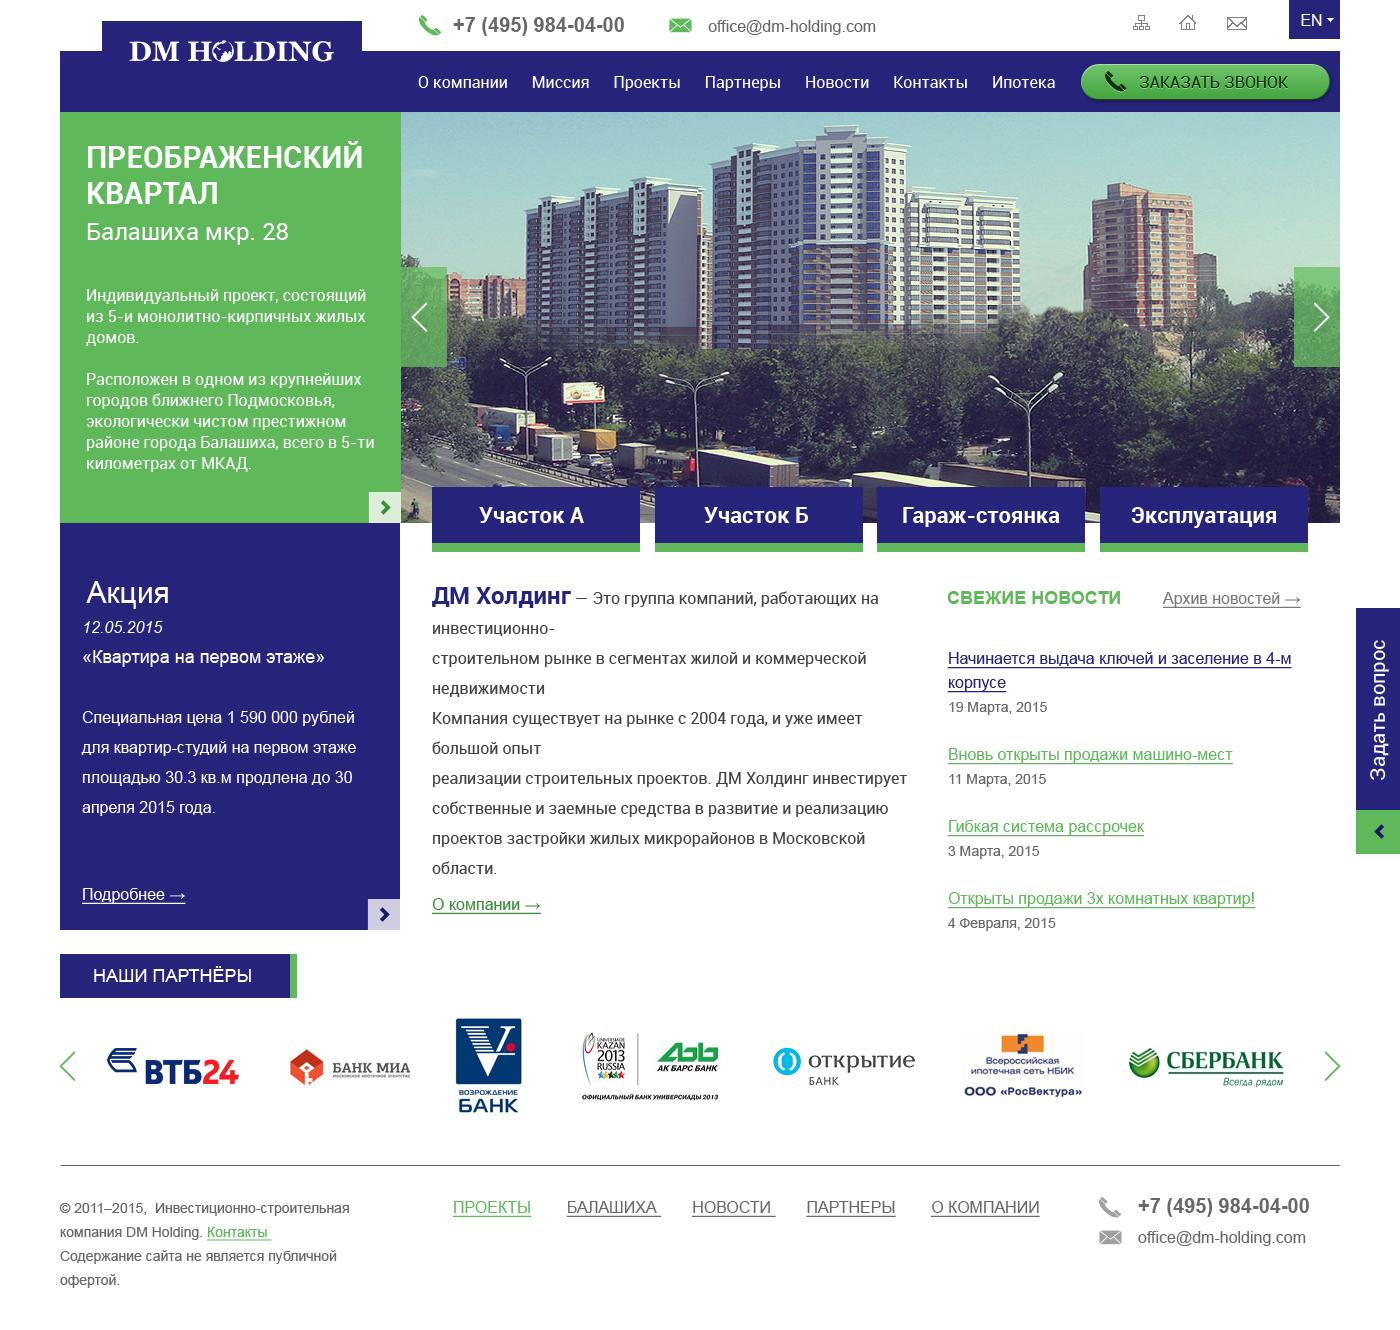 Редизайн сайта компании застройщика фото f_13755180d920f146.jpg